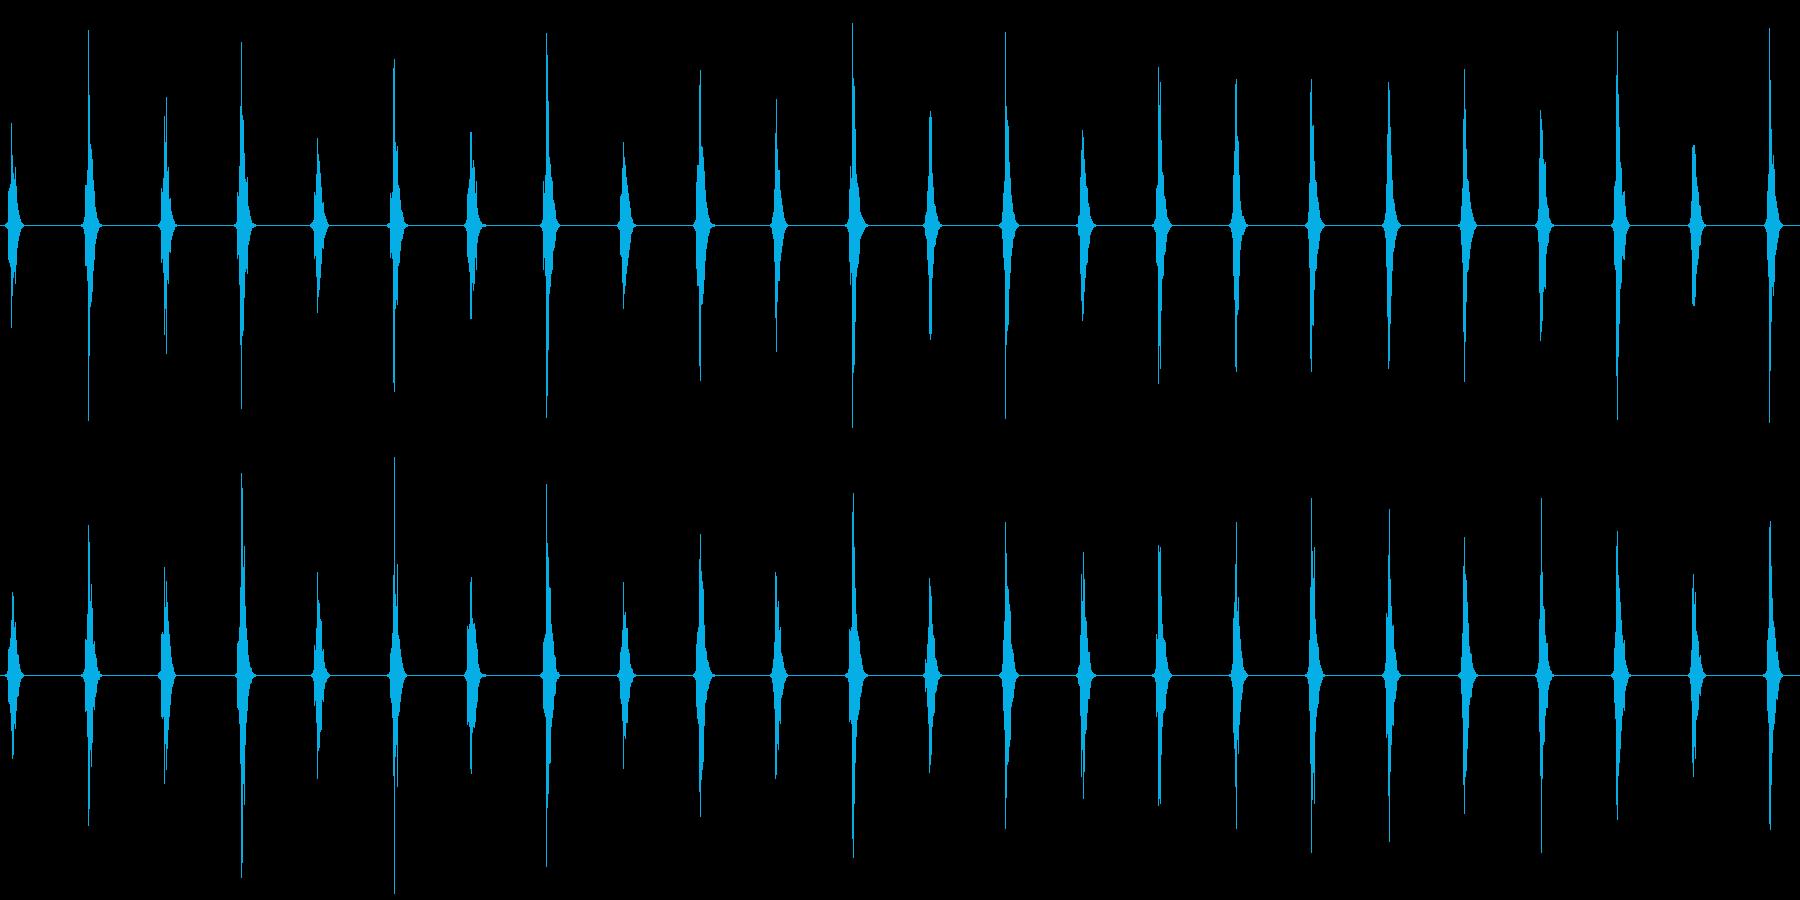 時計の秒針の音の再生済みの波形